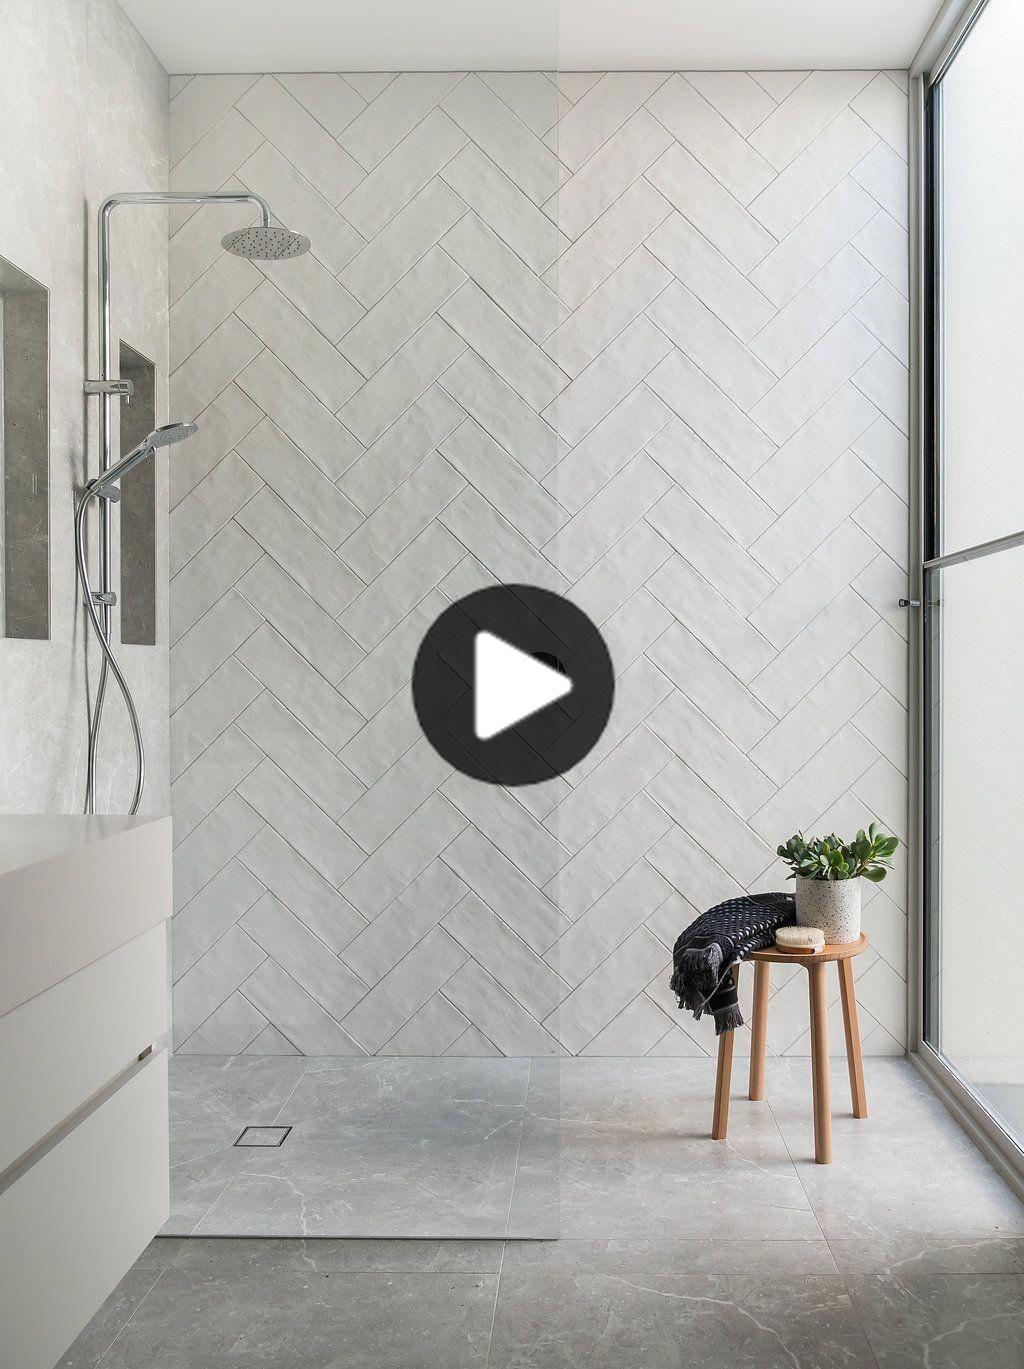 彼らは彼らの浴室の外観を変更することの可能性を検討している住宅 所有者が利用できるさまざまな機会があります 活用するために これらの個人のための最も人気のあるリソースの二つは 改造や浴室の外観を改修の可能性と見られています 多くの場合 いつでも信じられ